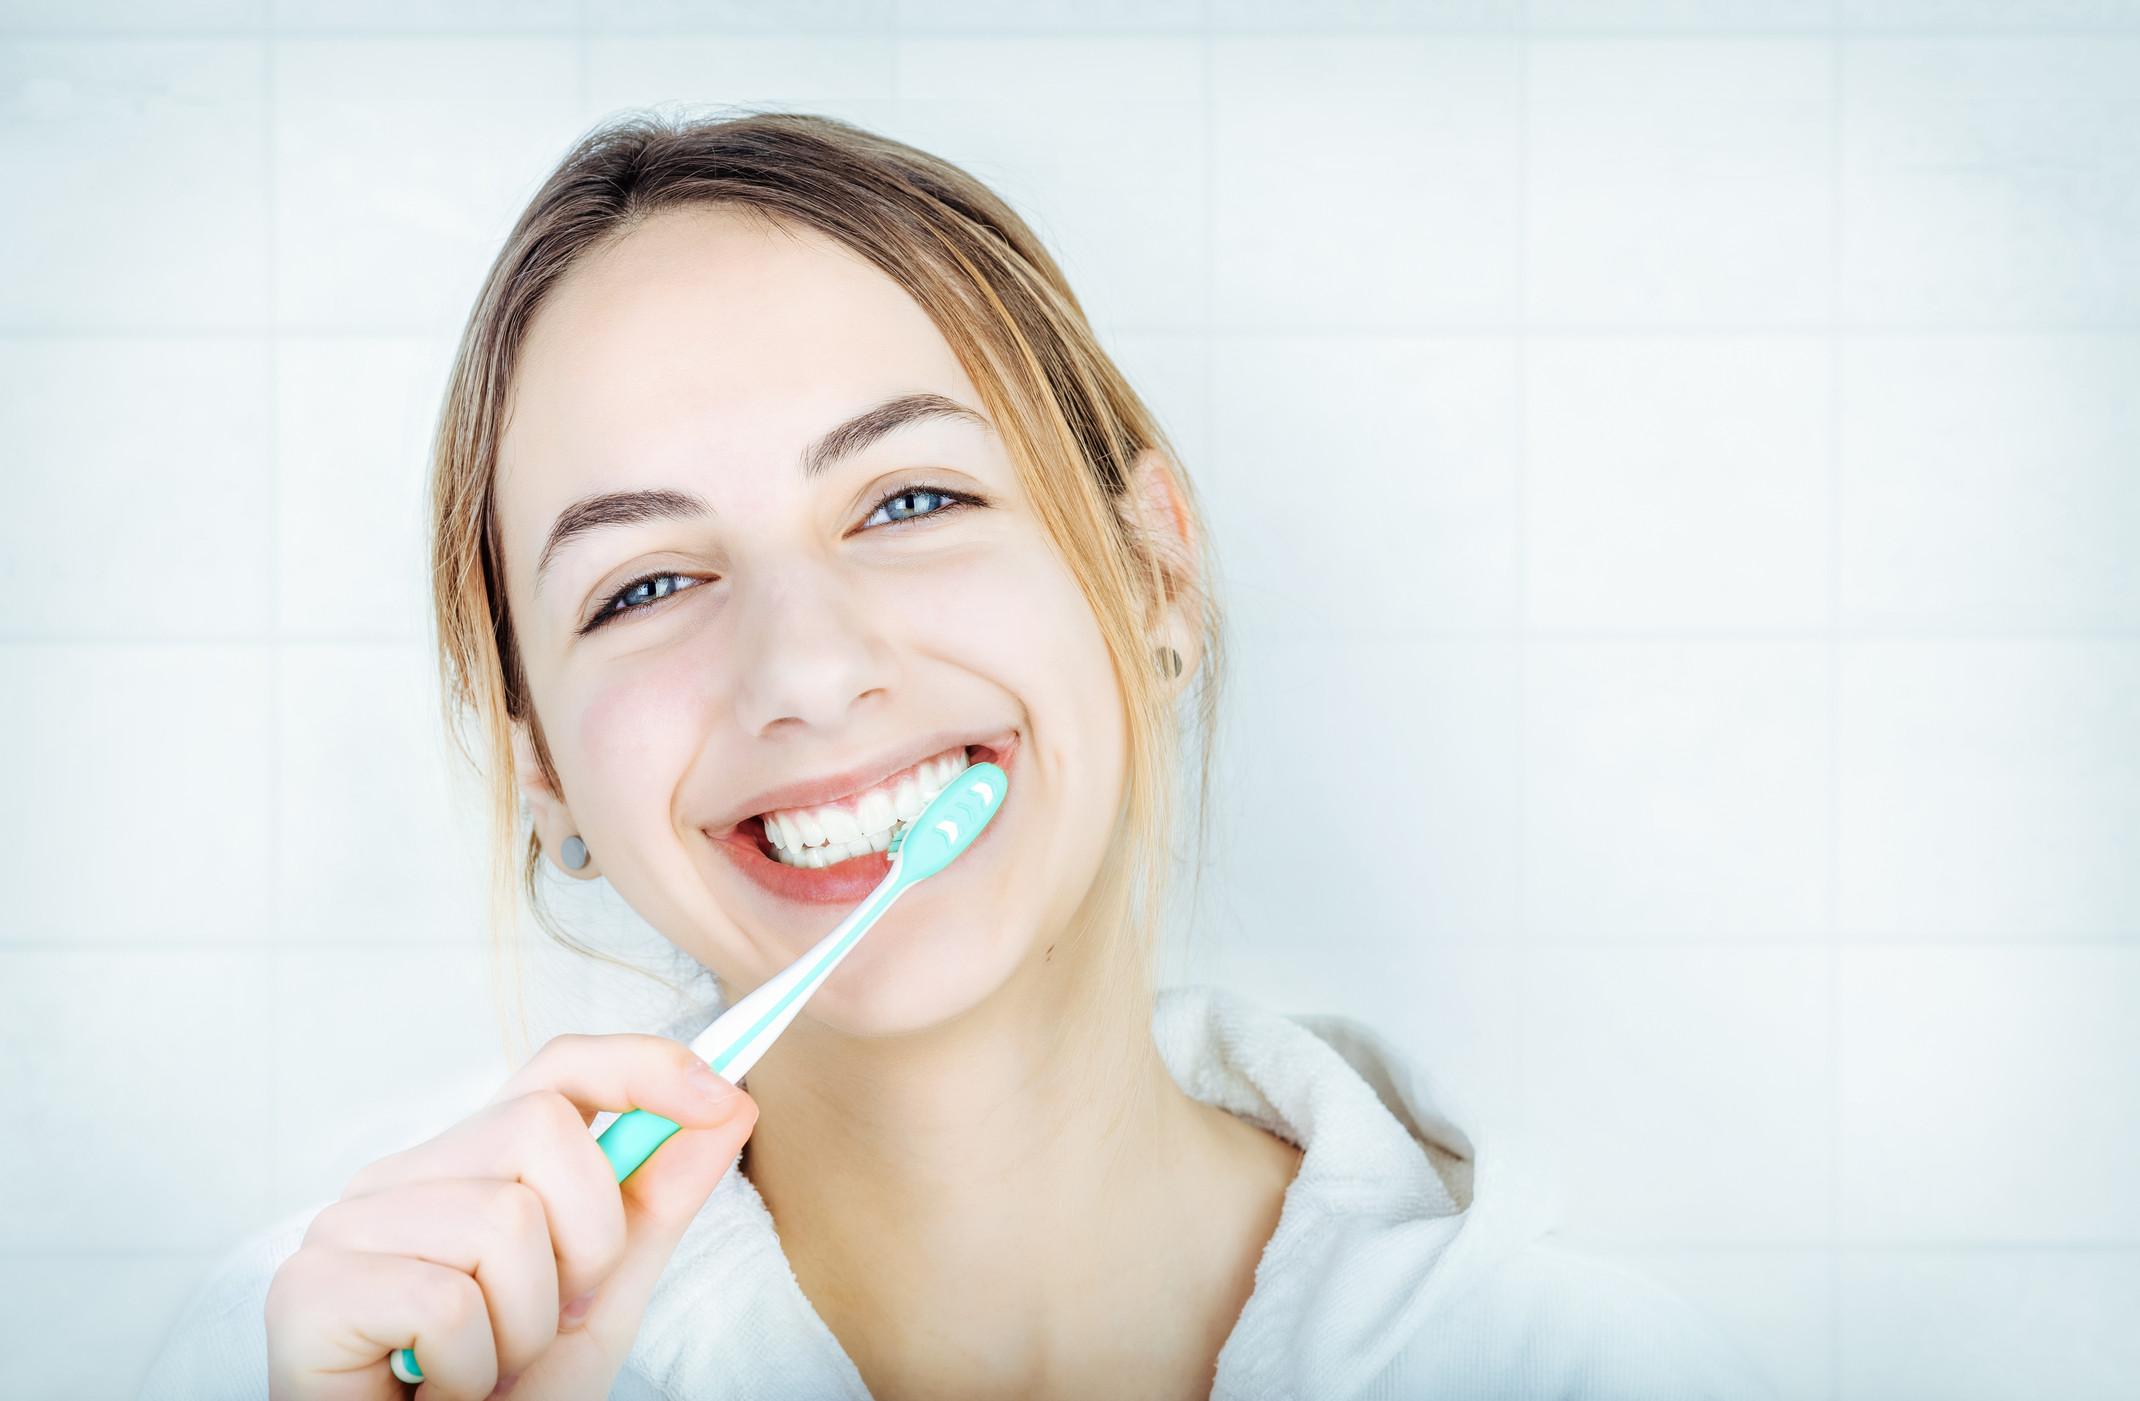 Comment blanchir ses dents naturellement chez soi .?